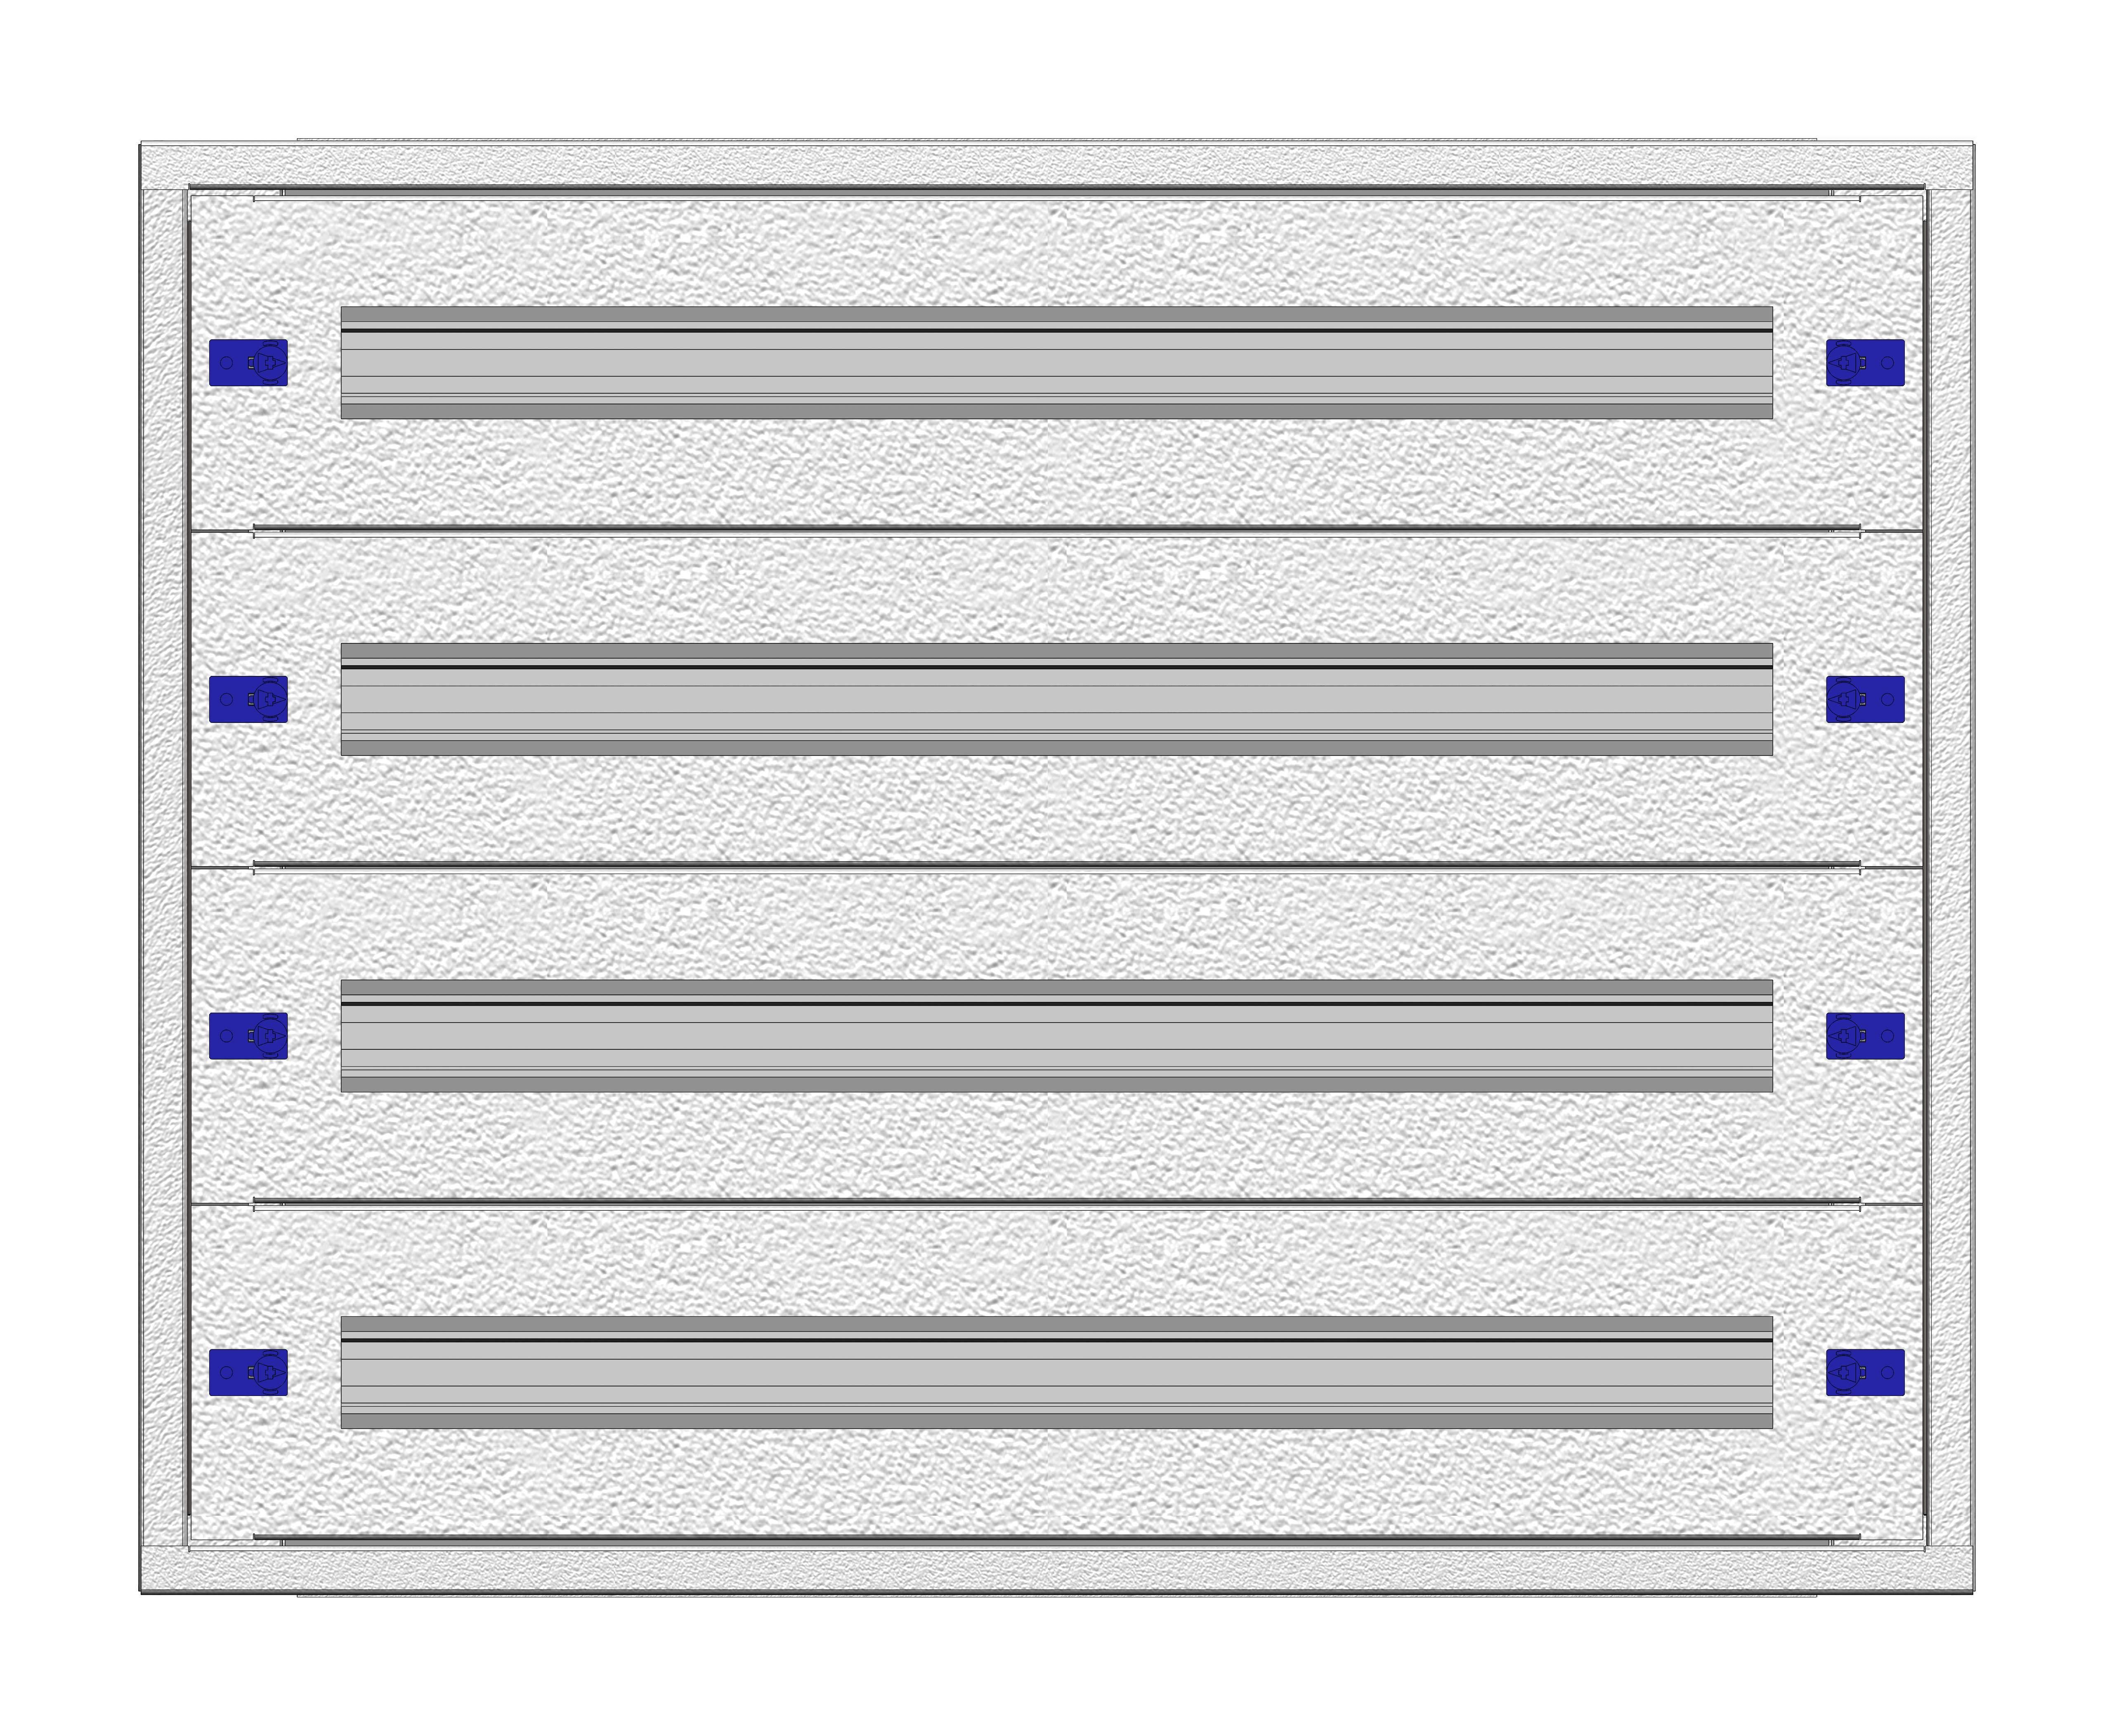 1 Stk Installationsverteiler Einsatz 3-12L, 4-reihig, Kunststoff IL149312--